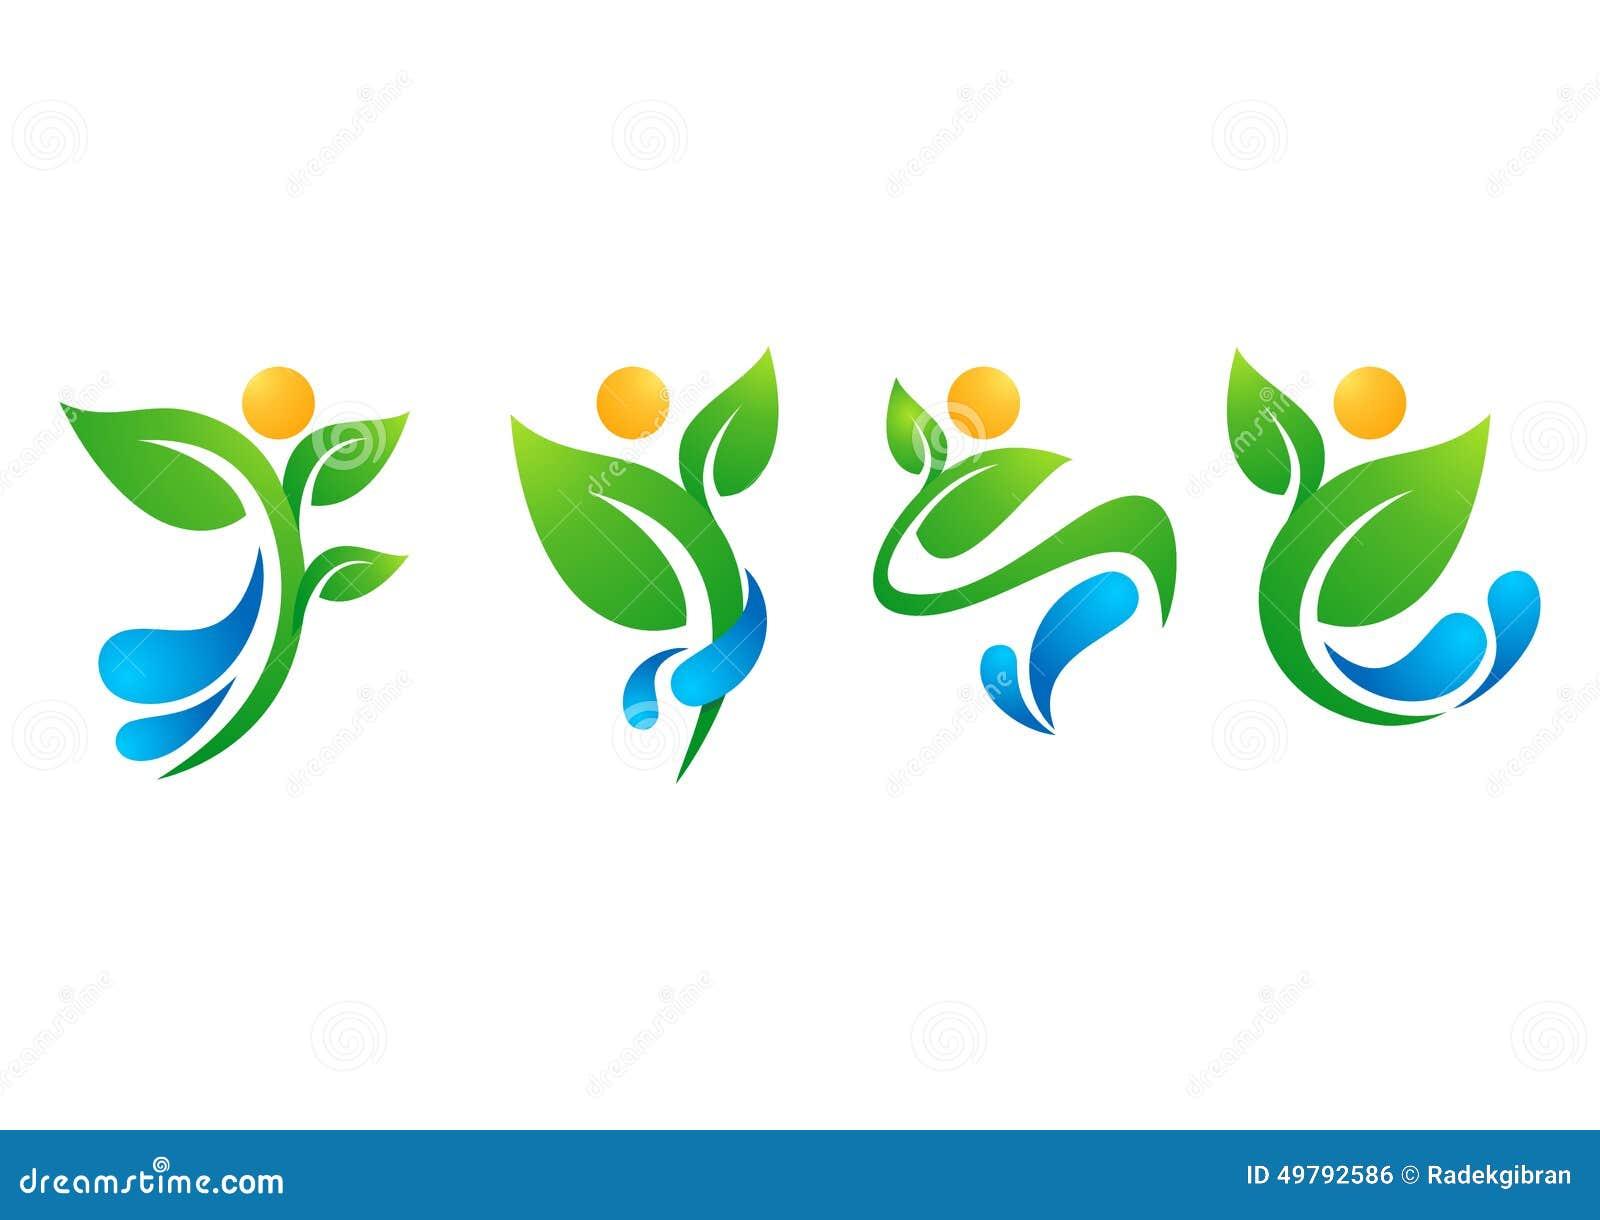 Planta, gente, agua, primavera, natural, logotipo, salud, sol, hoja, botánica, ecología, vector del diseño determinado del icono